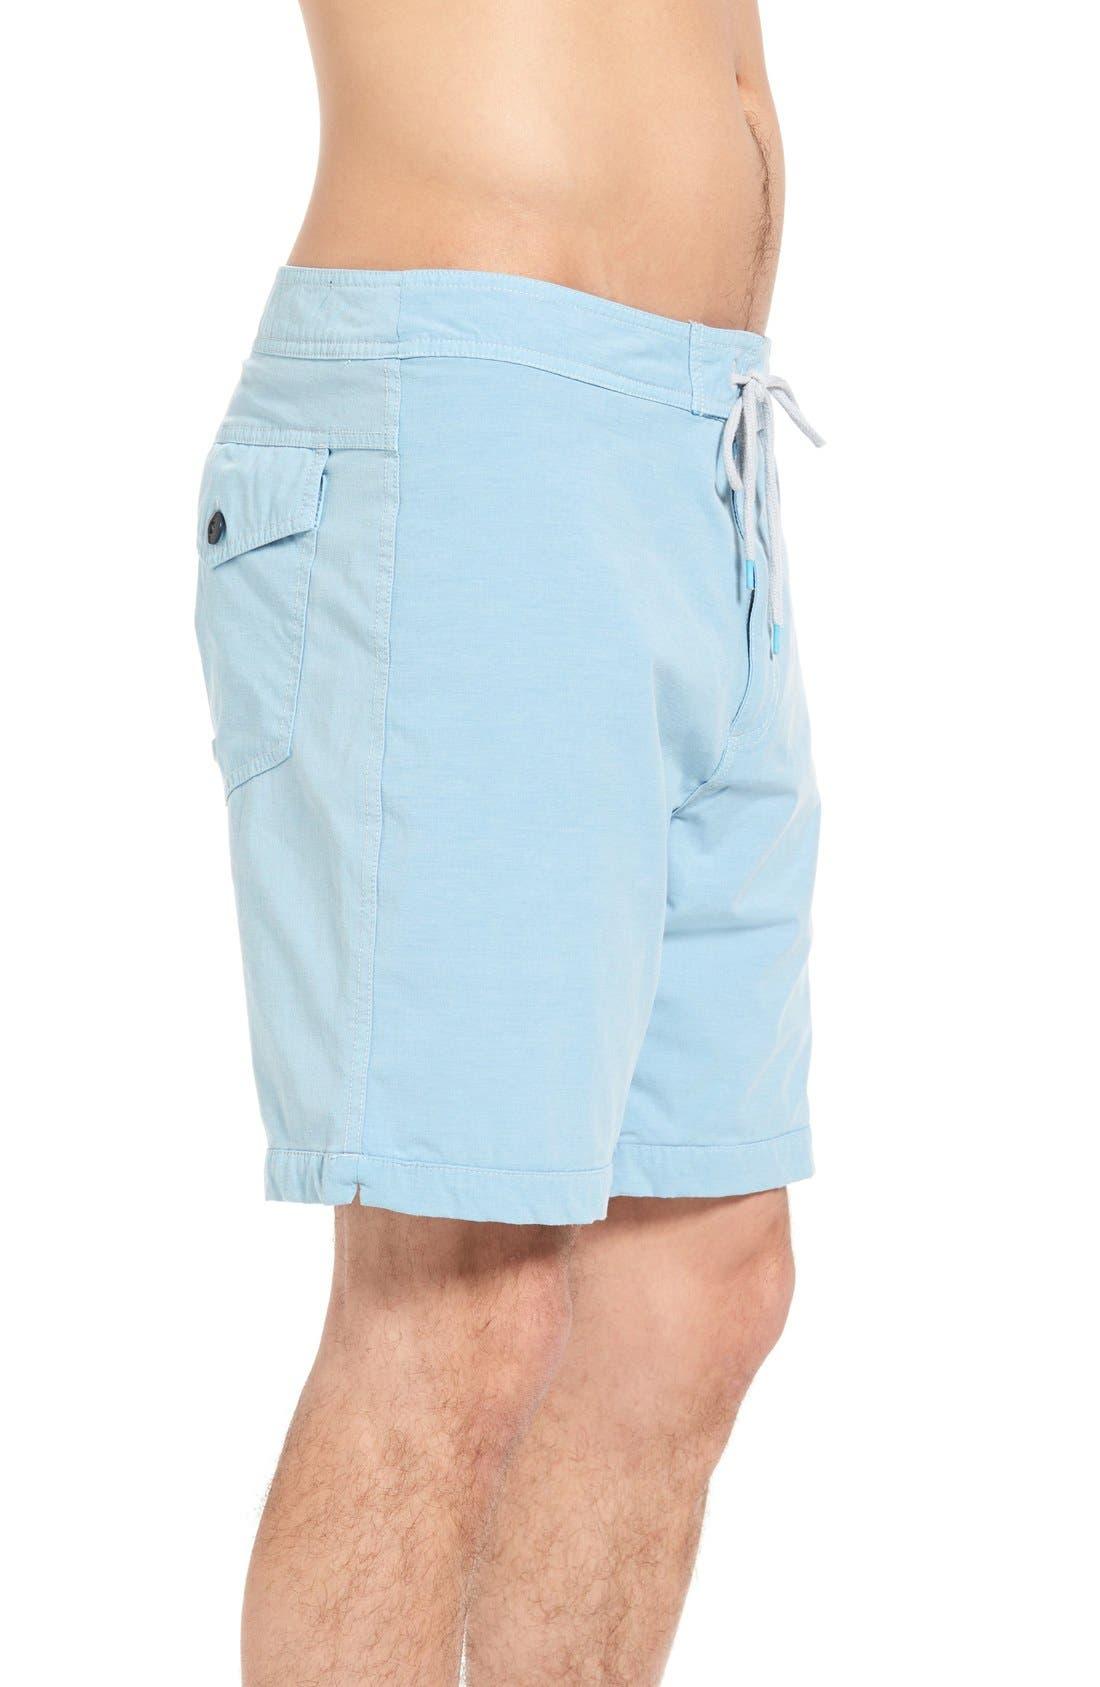 Venice Board Shorts,                             Alternate thumbnail 3, color,                             Light Blue